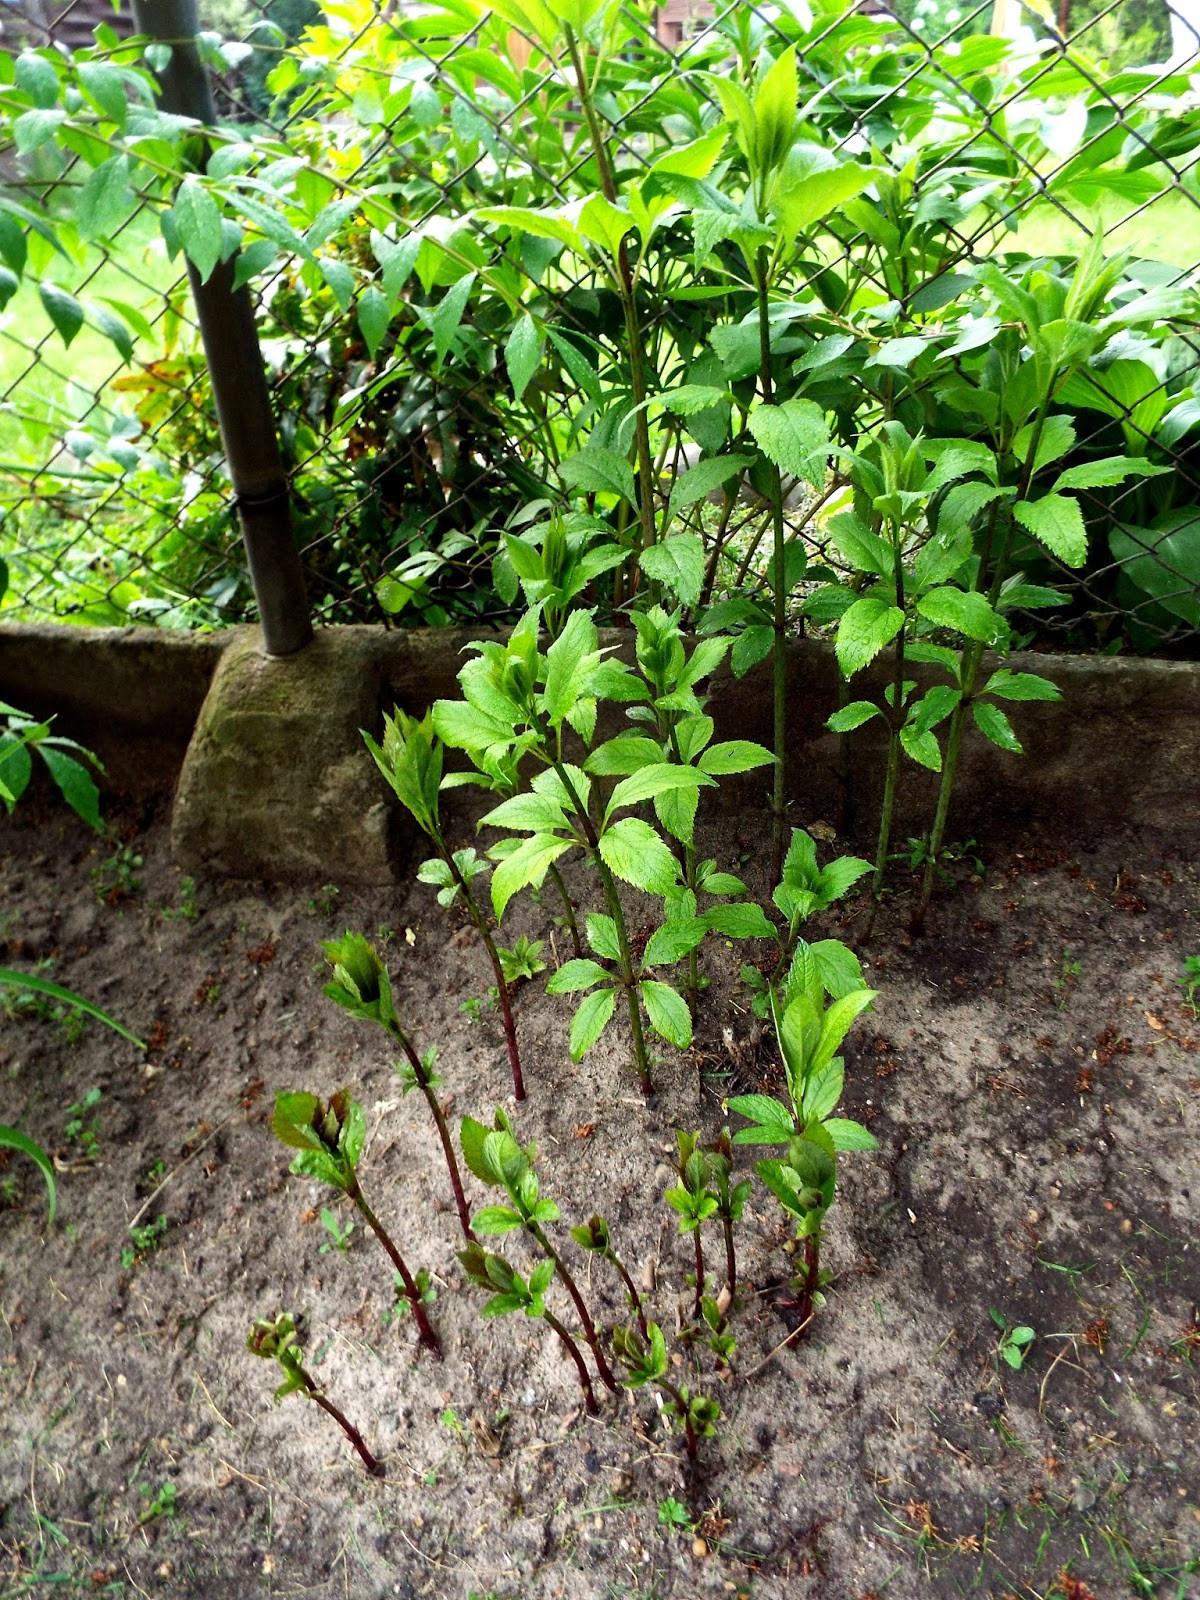 Trzmielina oskrzydlona ugina się pod własnym ciężarem Wyjątkowo też urosła w tym roku Generalnie obfitość mojego ogrodu zadziwia mnie w tym roku